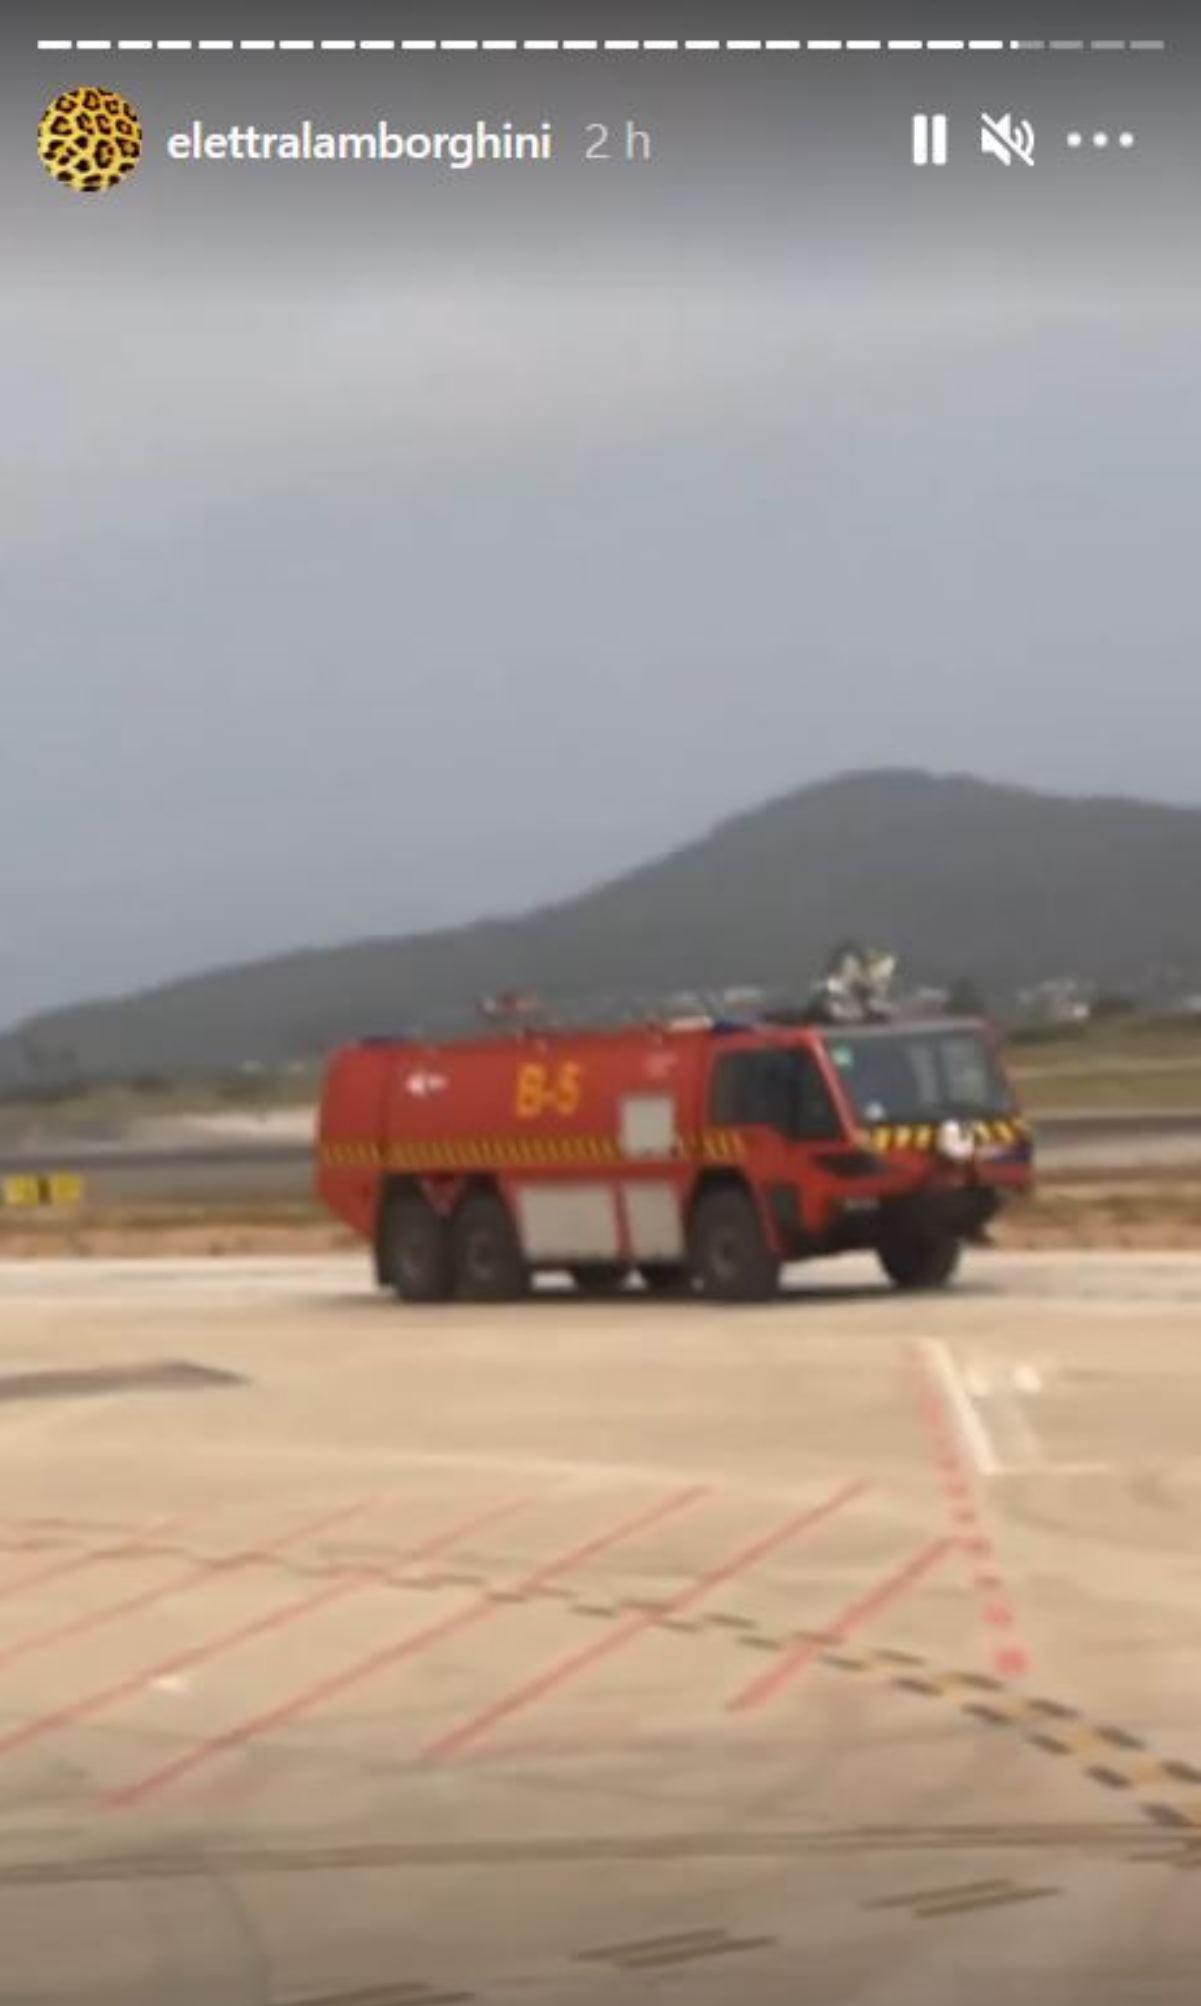 elettra lamborghini aereo gomma incendiata